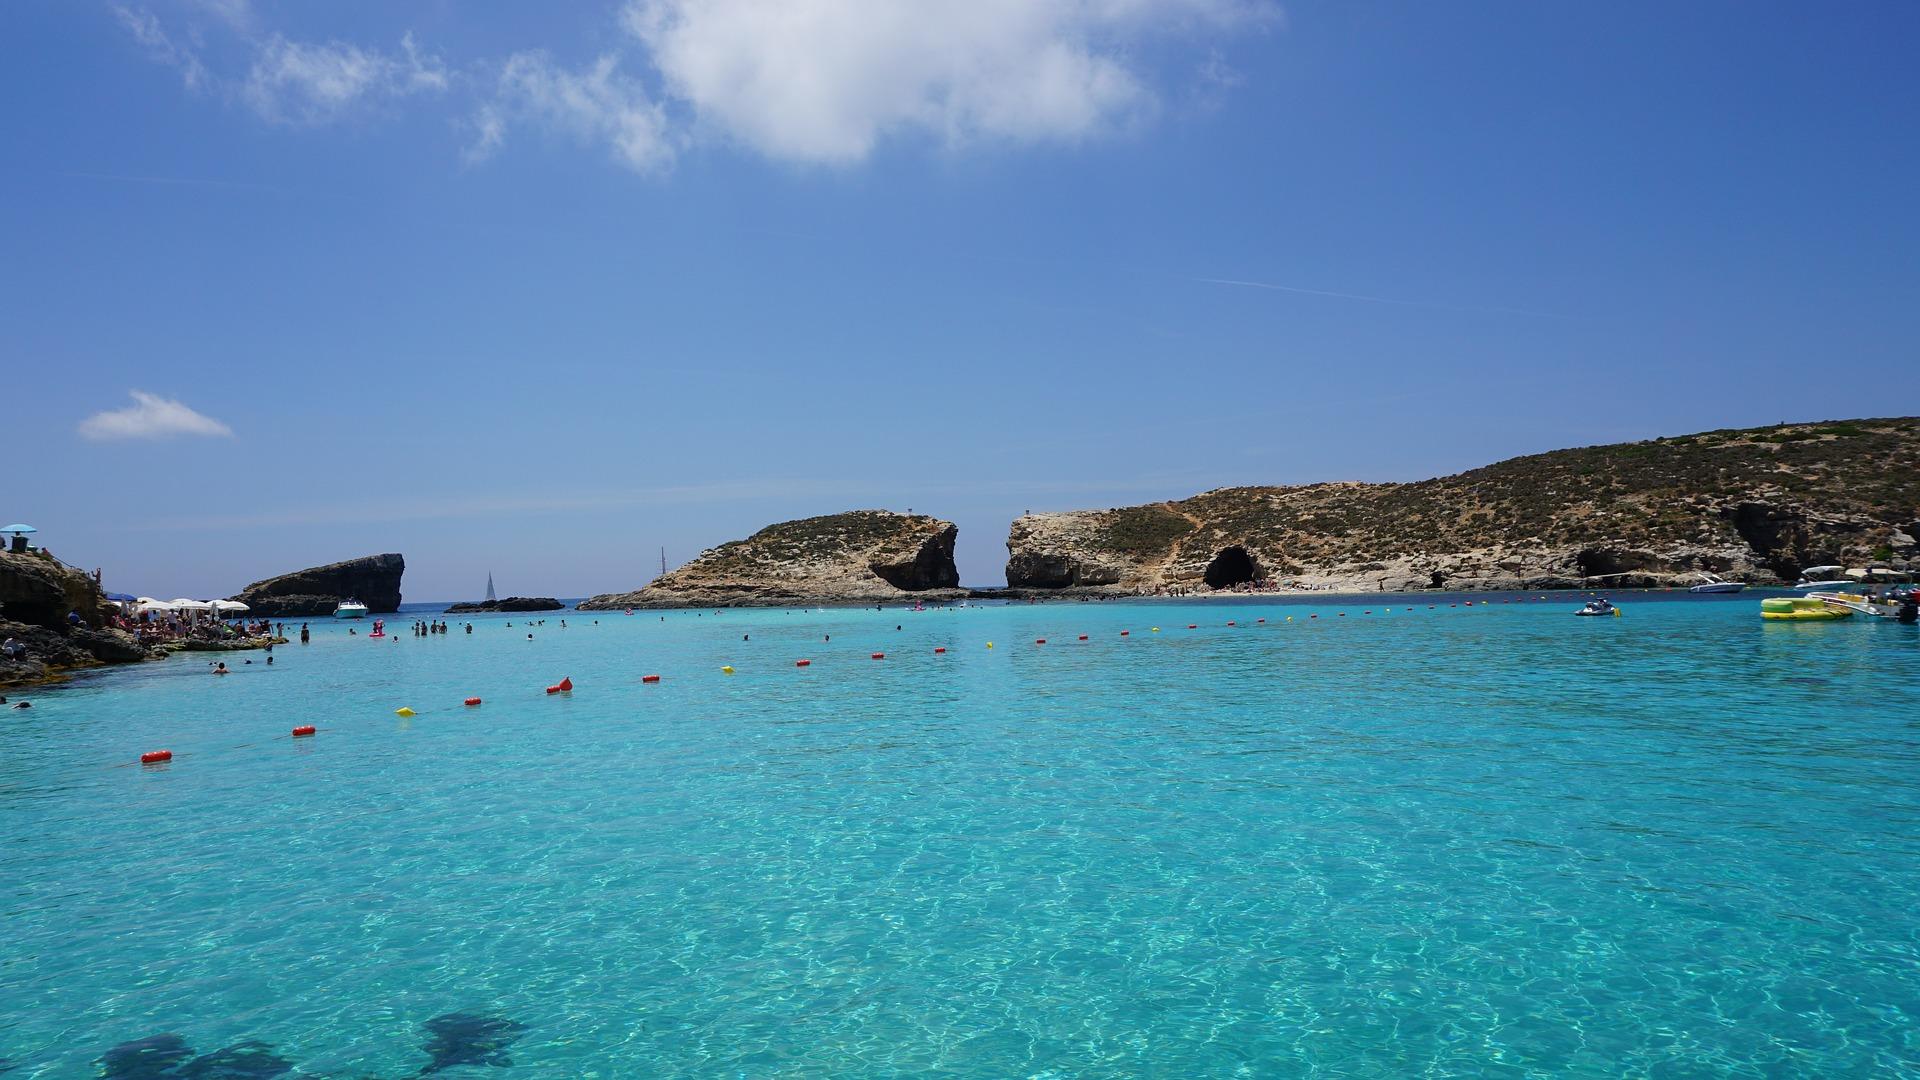 Die blaue Lagune der Insel